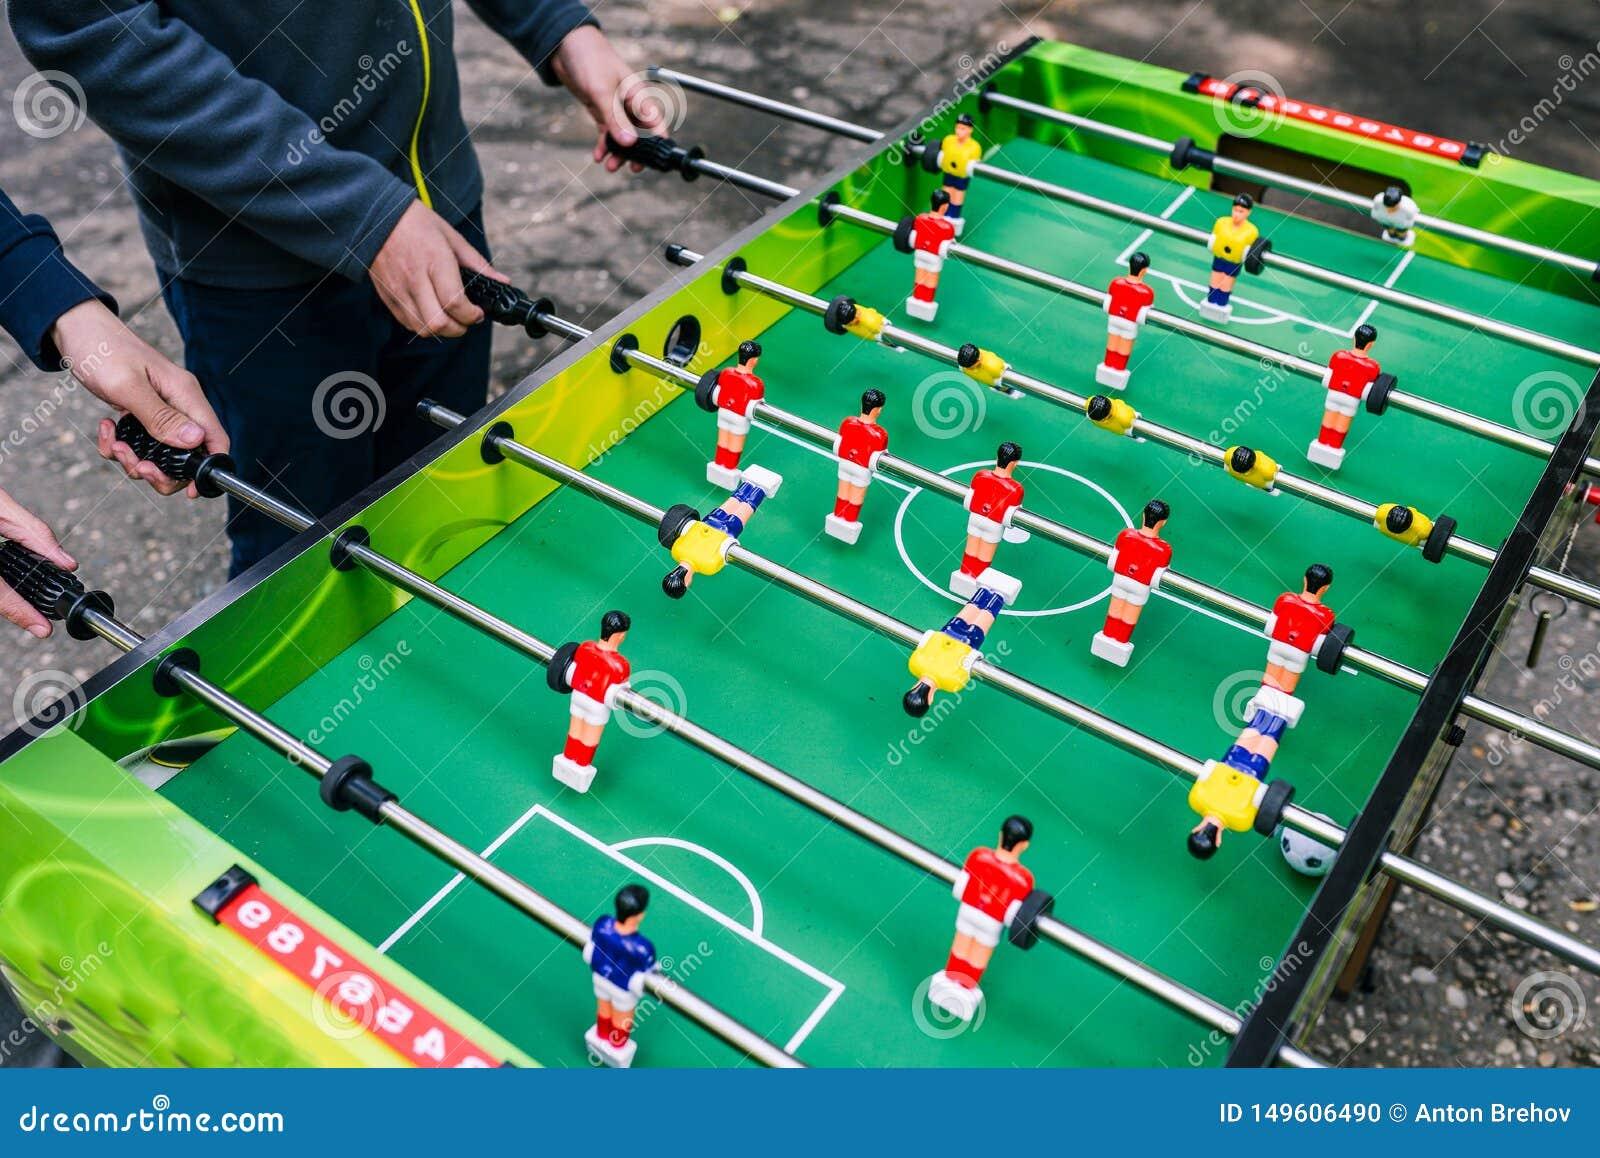 Немецкий настольный футбол